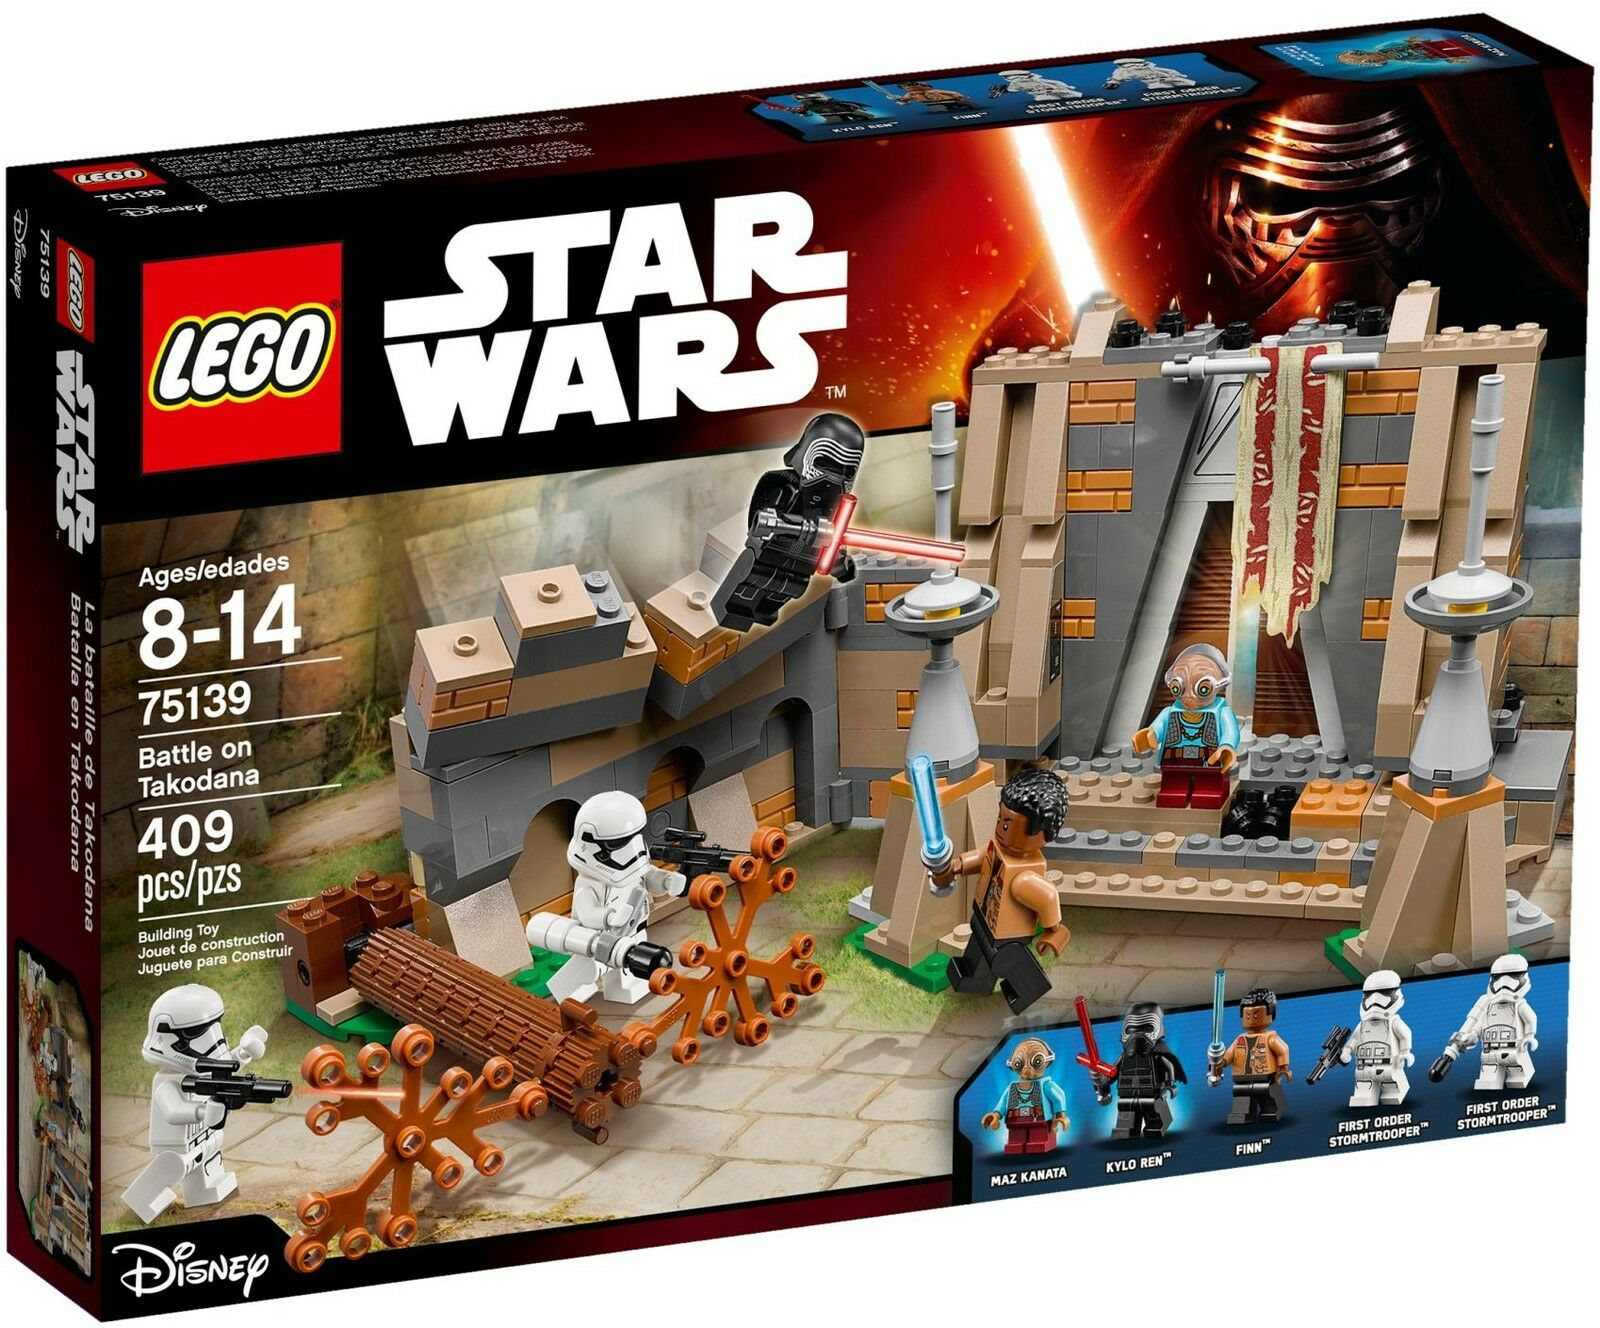 LEGO Star Wars - 75139 Battle on Takodana mit Kylo Ren & Maz Kanata - Neu & OVP